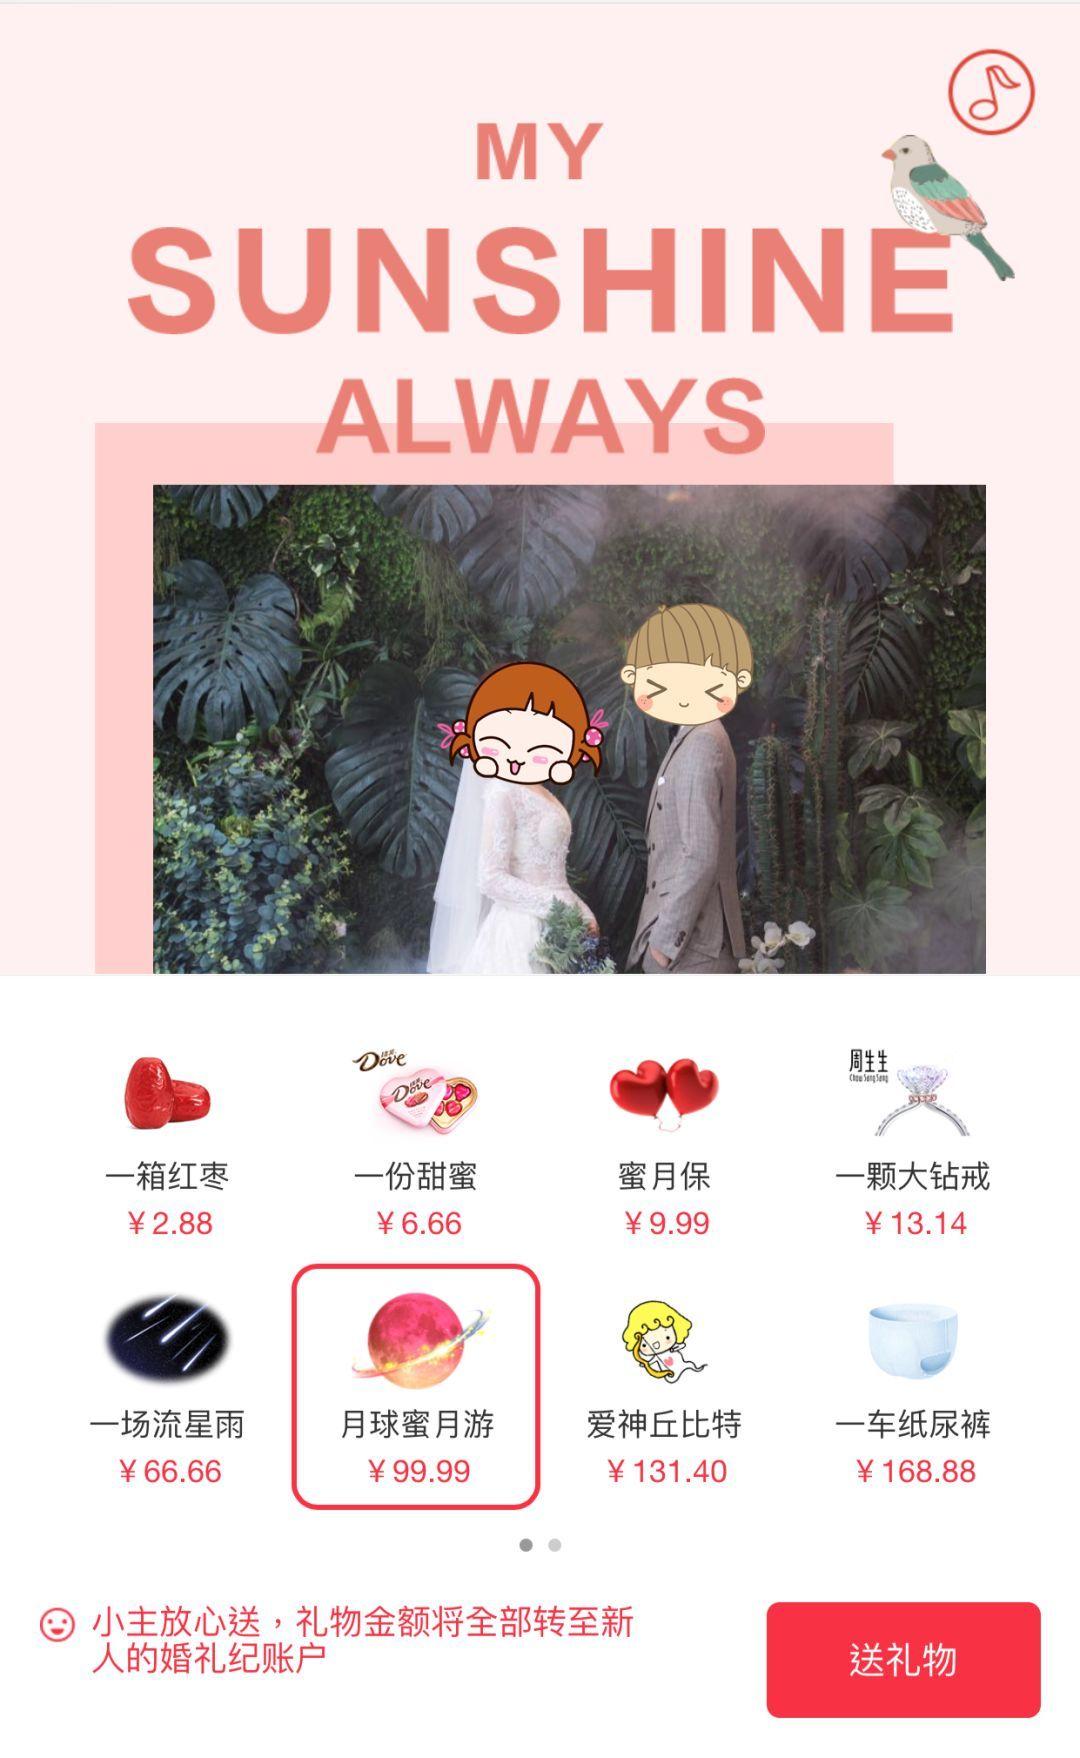 上海结婚礼金多少_随份子钱,当代青年的月度主要开销_朋友